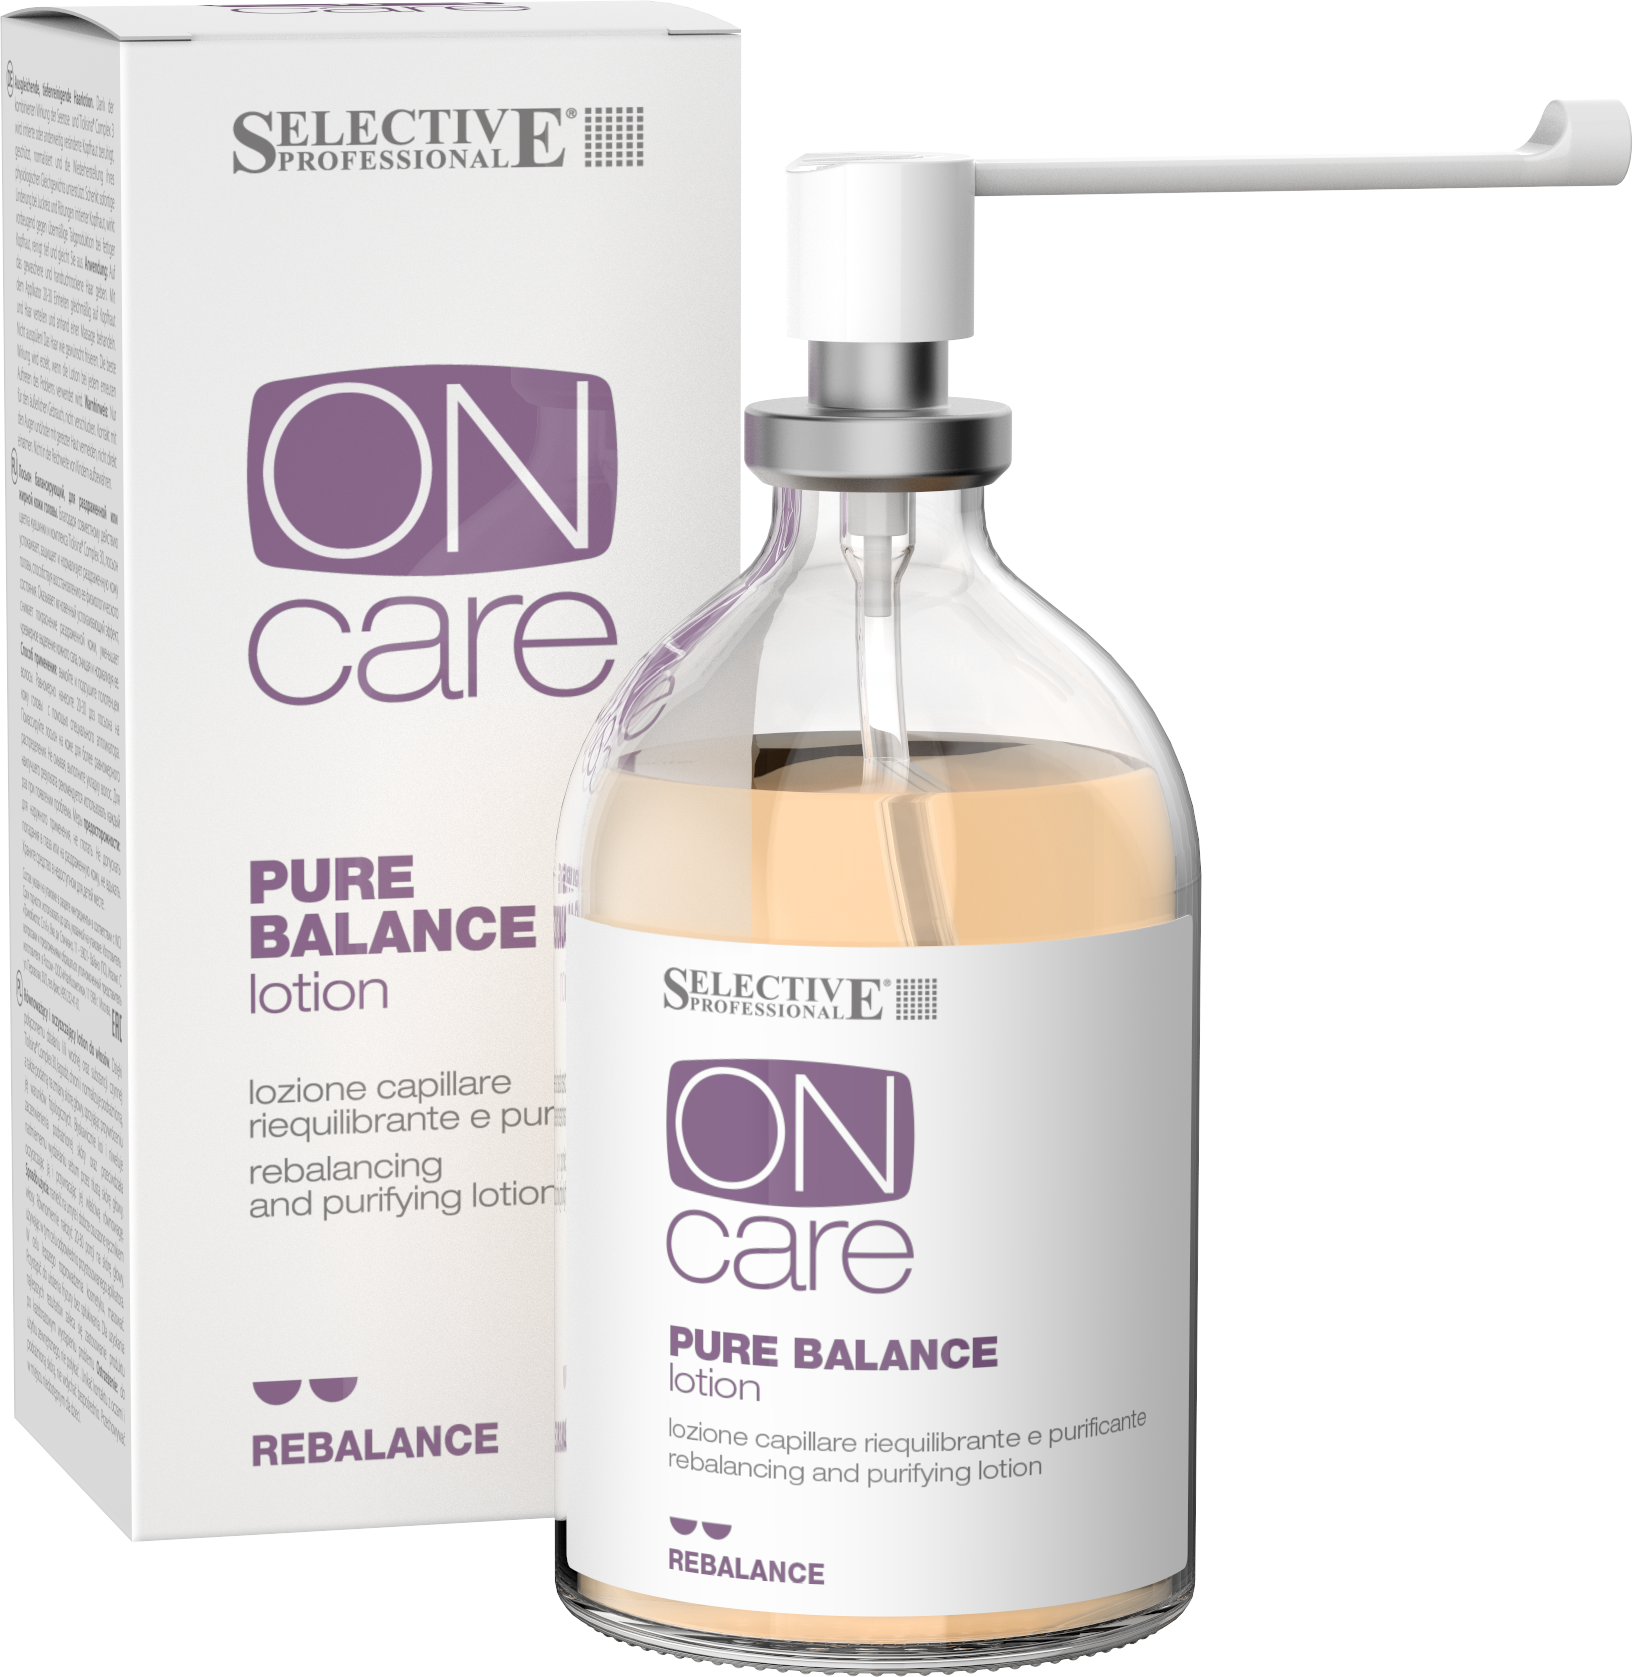 SELECTIVE PROFESSIONAL Лосьон балансирующий, для раздраженной или жирной кожи головы / On Care Rebalance 100 мл лосьон selective professional stimulate intense lotion